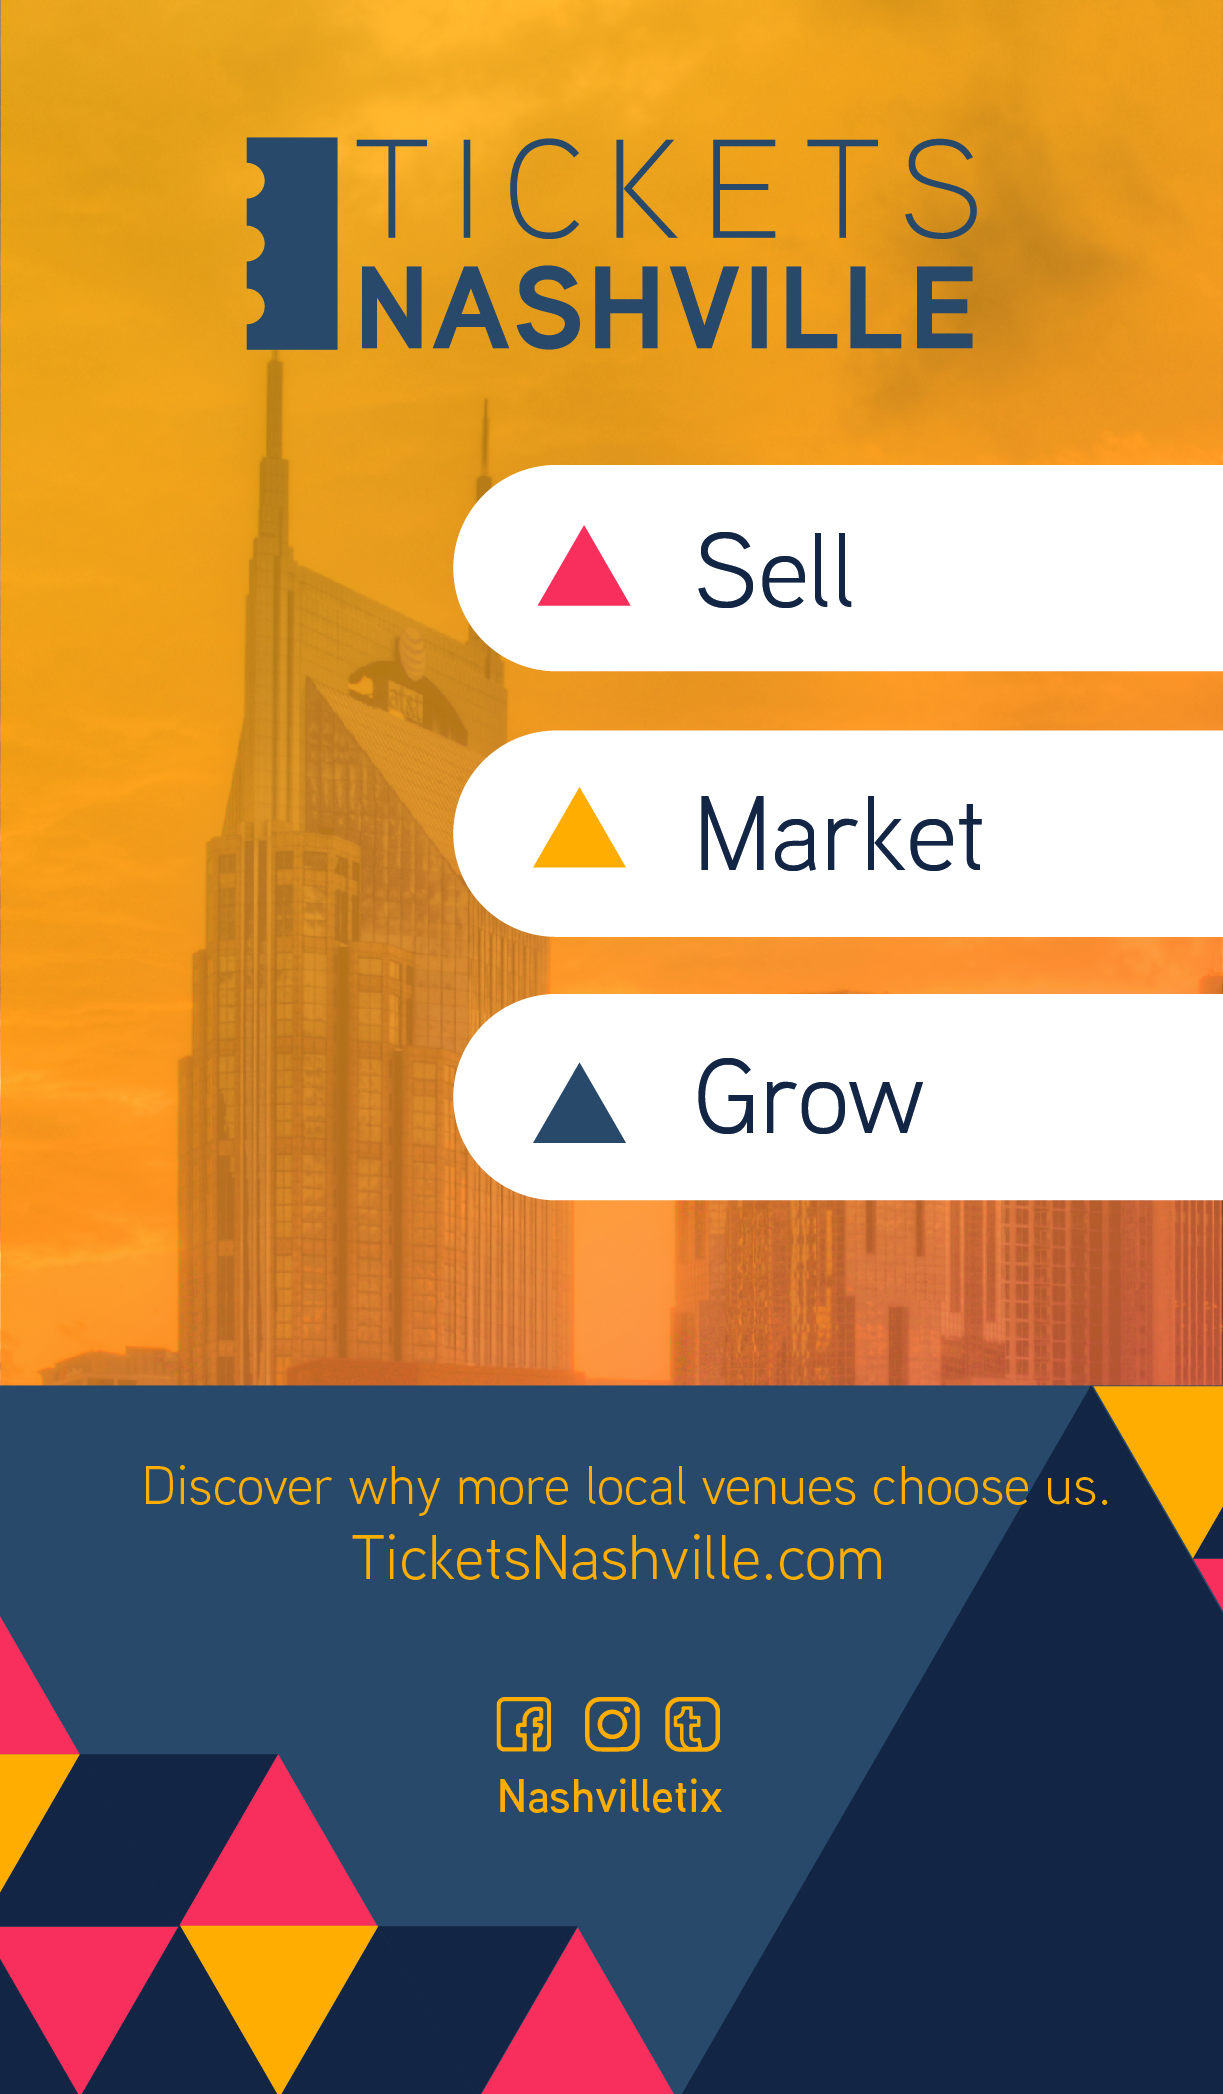 TN.com Business Cards-06.jpg